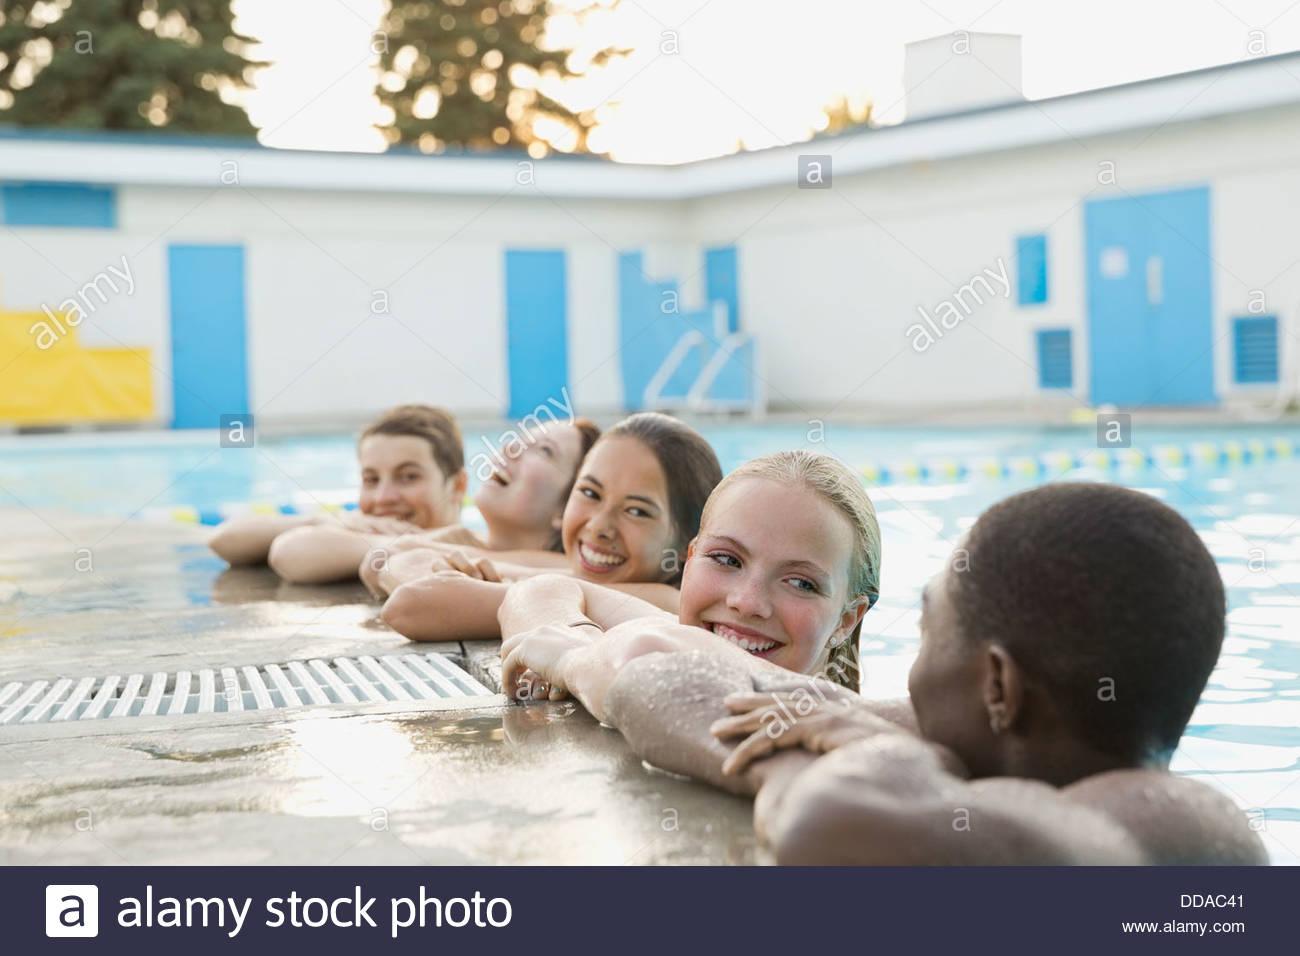 Grupo de adolescentes natación Imagen De Stock